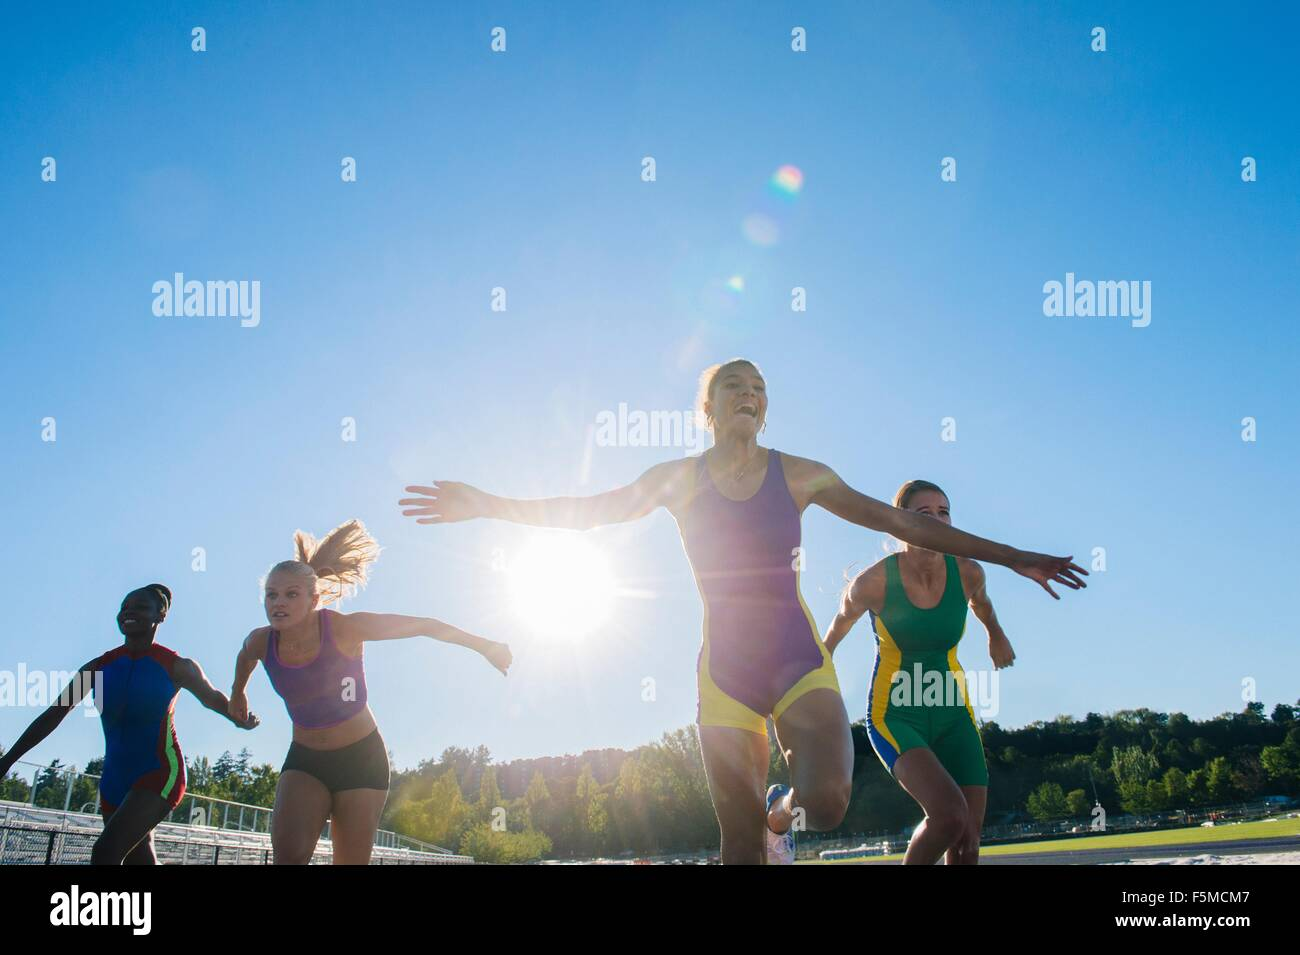 Cuatro atletas en la pista de atletismo, llegando al final de la carrera Imagen De Stock